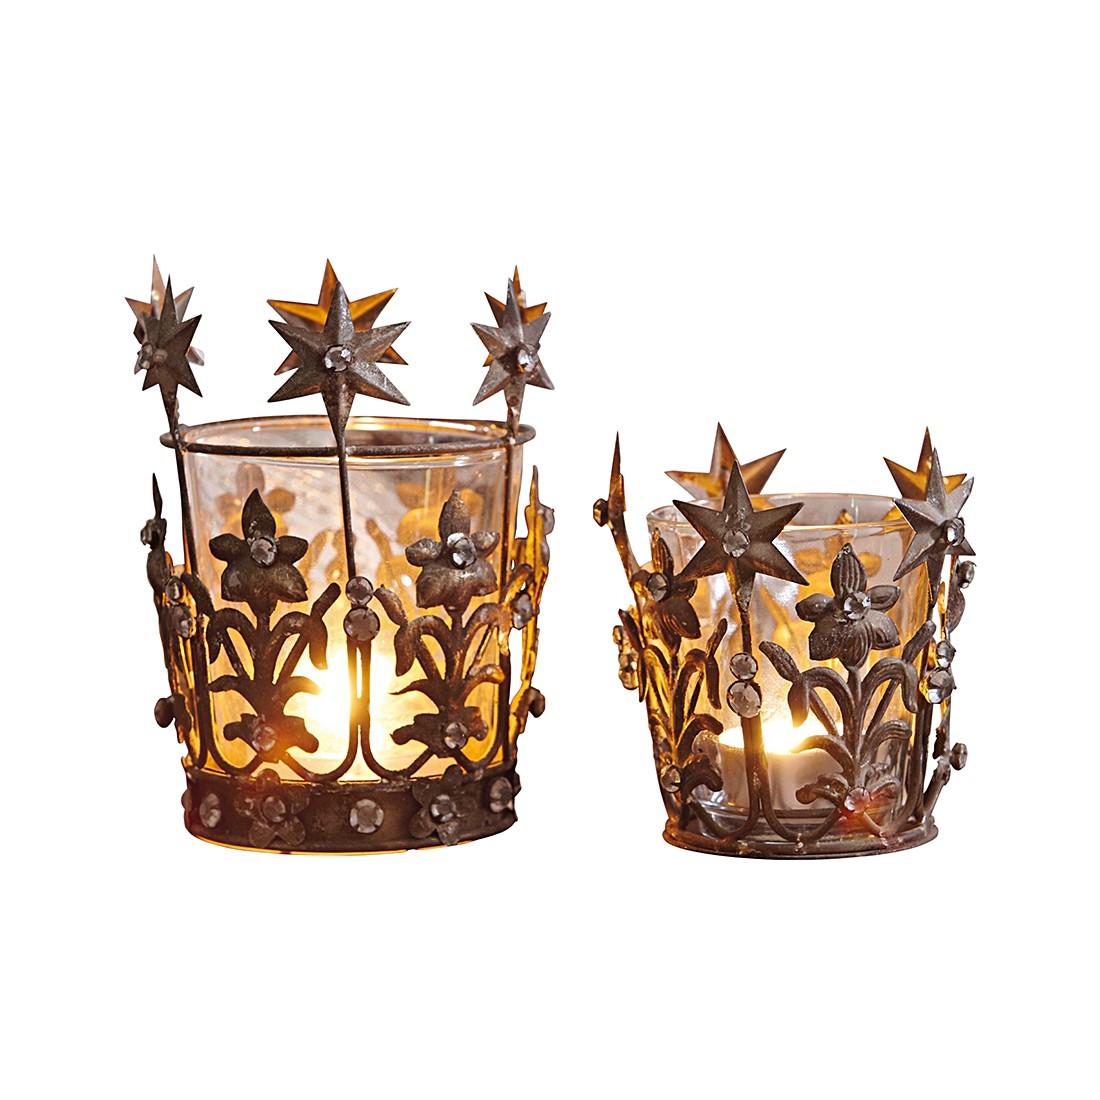 Windlichter 2er Set Starlight – Eisen/Glas antikgold, Loberon günstig bestellen